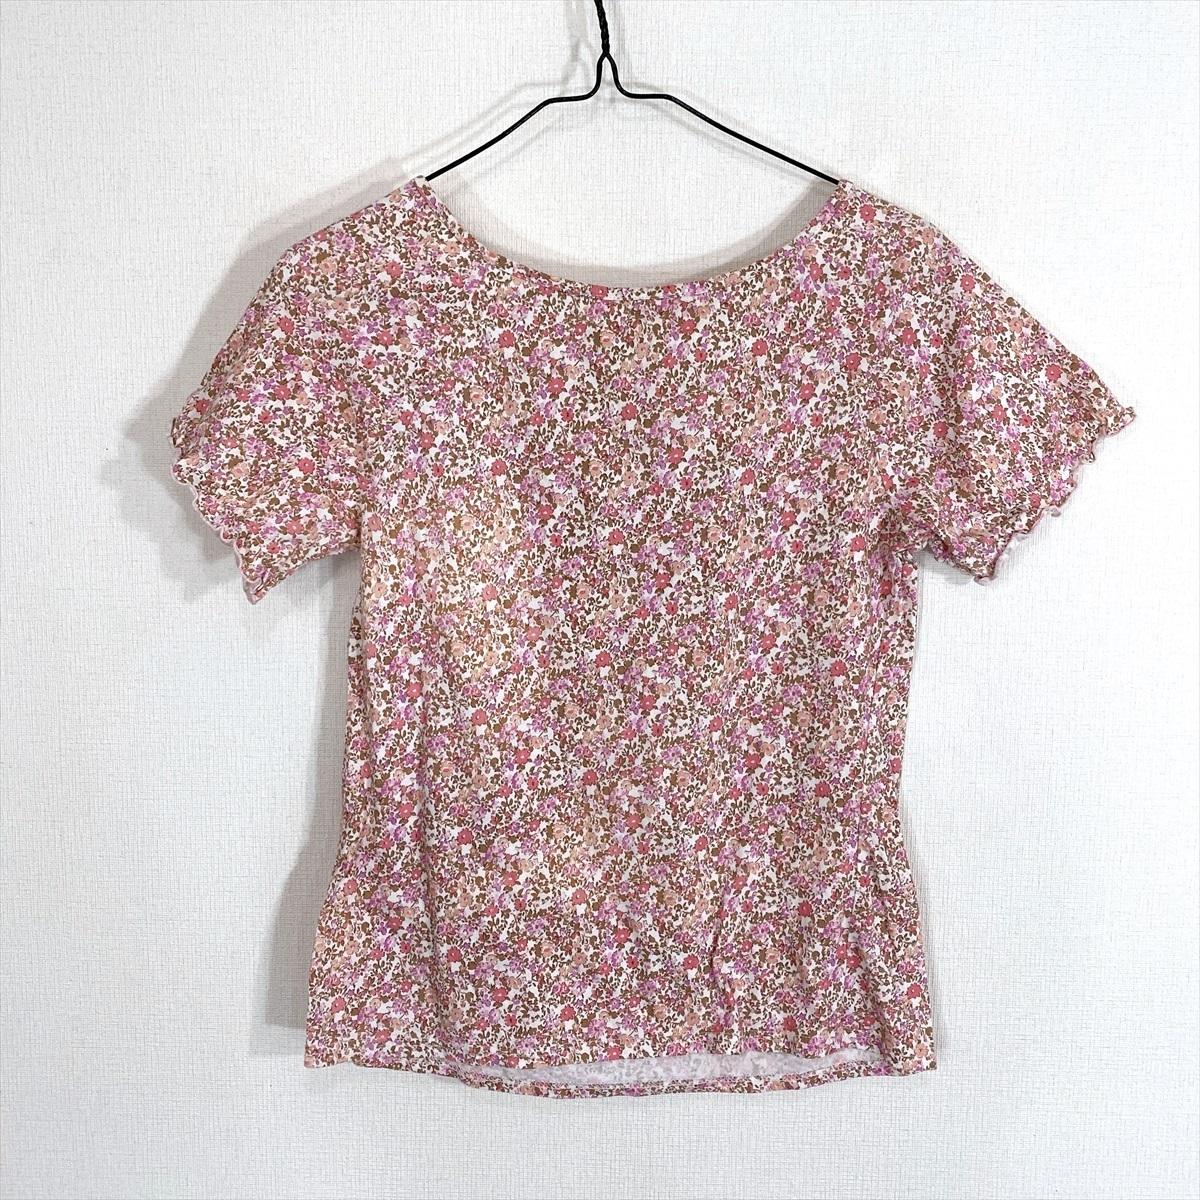 【送料250円】MELROSE メルローズ 花柄 柄物 ピンク 半袖 カットソー Tシャツ レディース 4【美品】_画像4